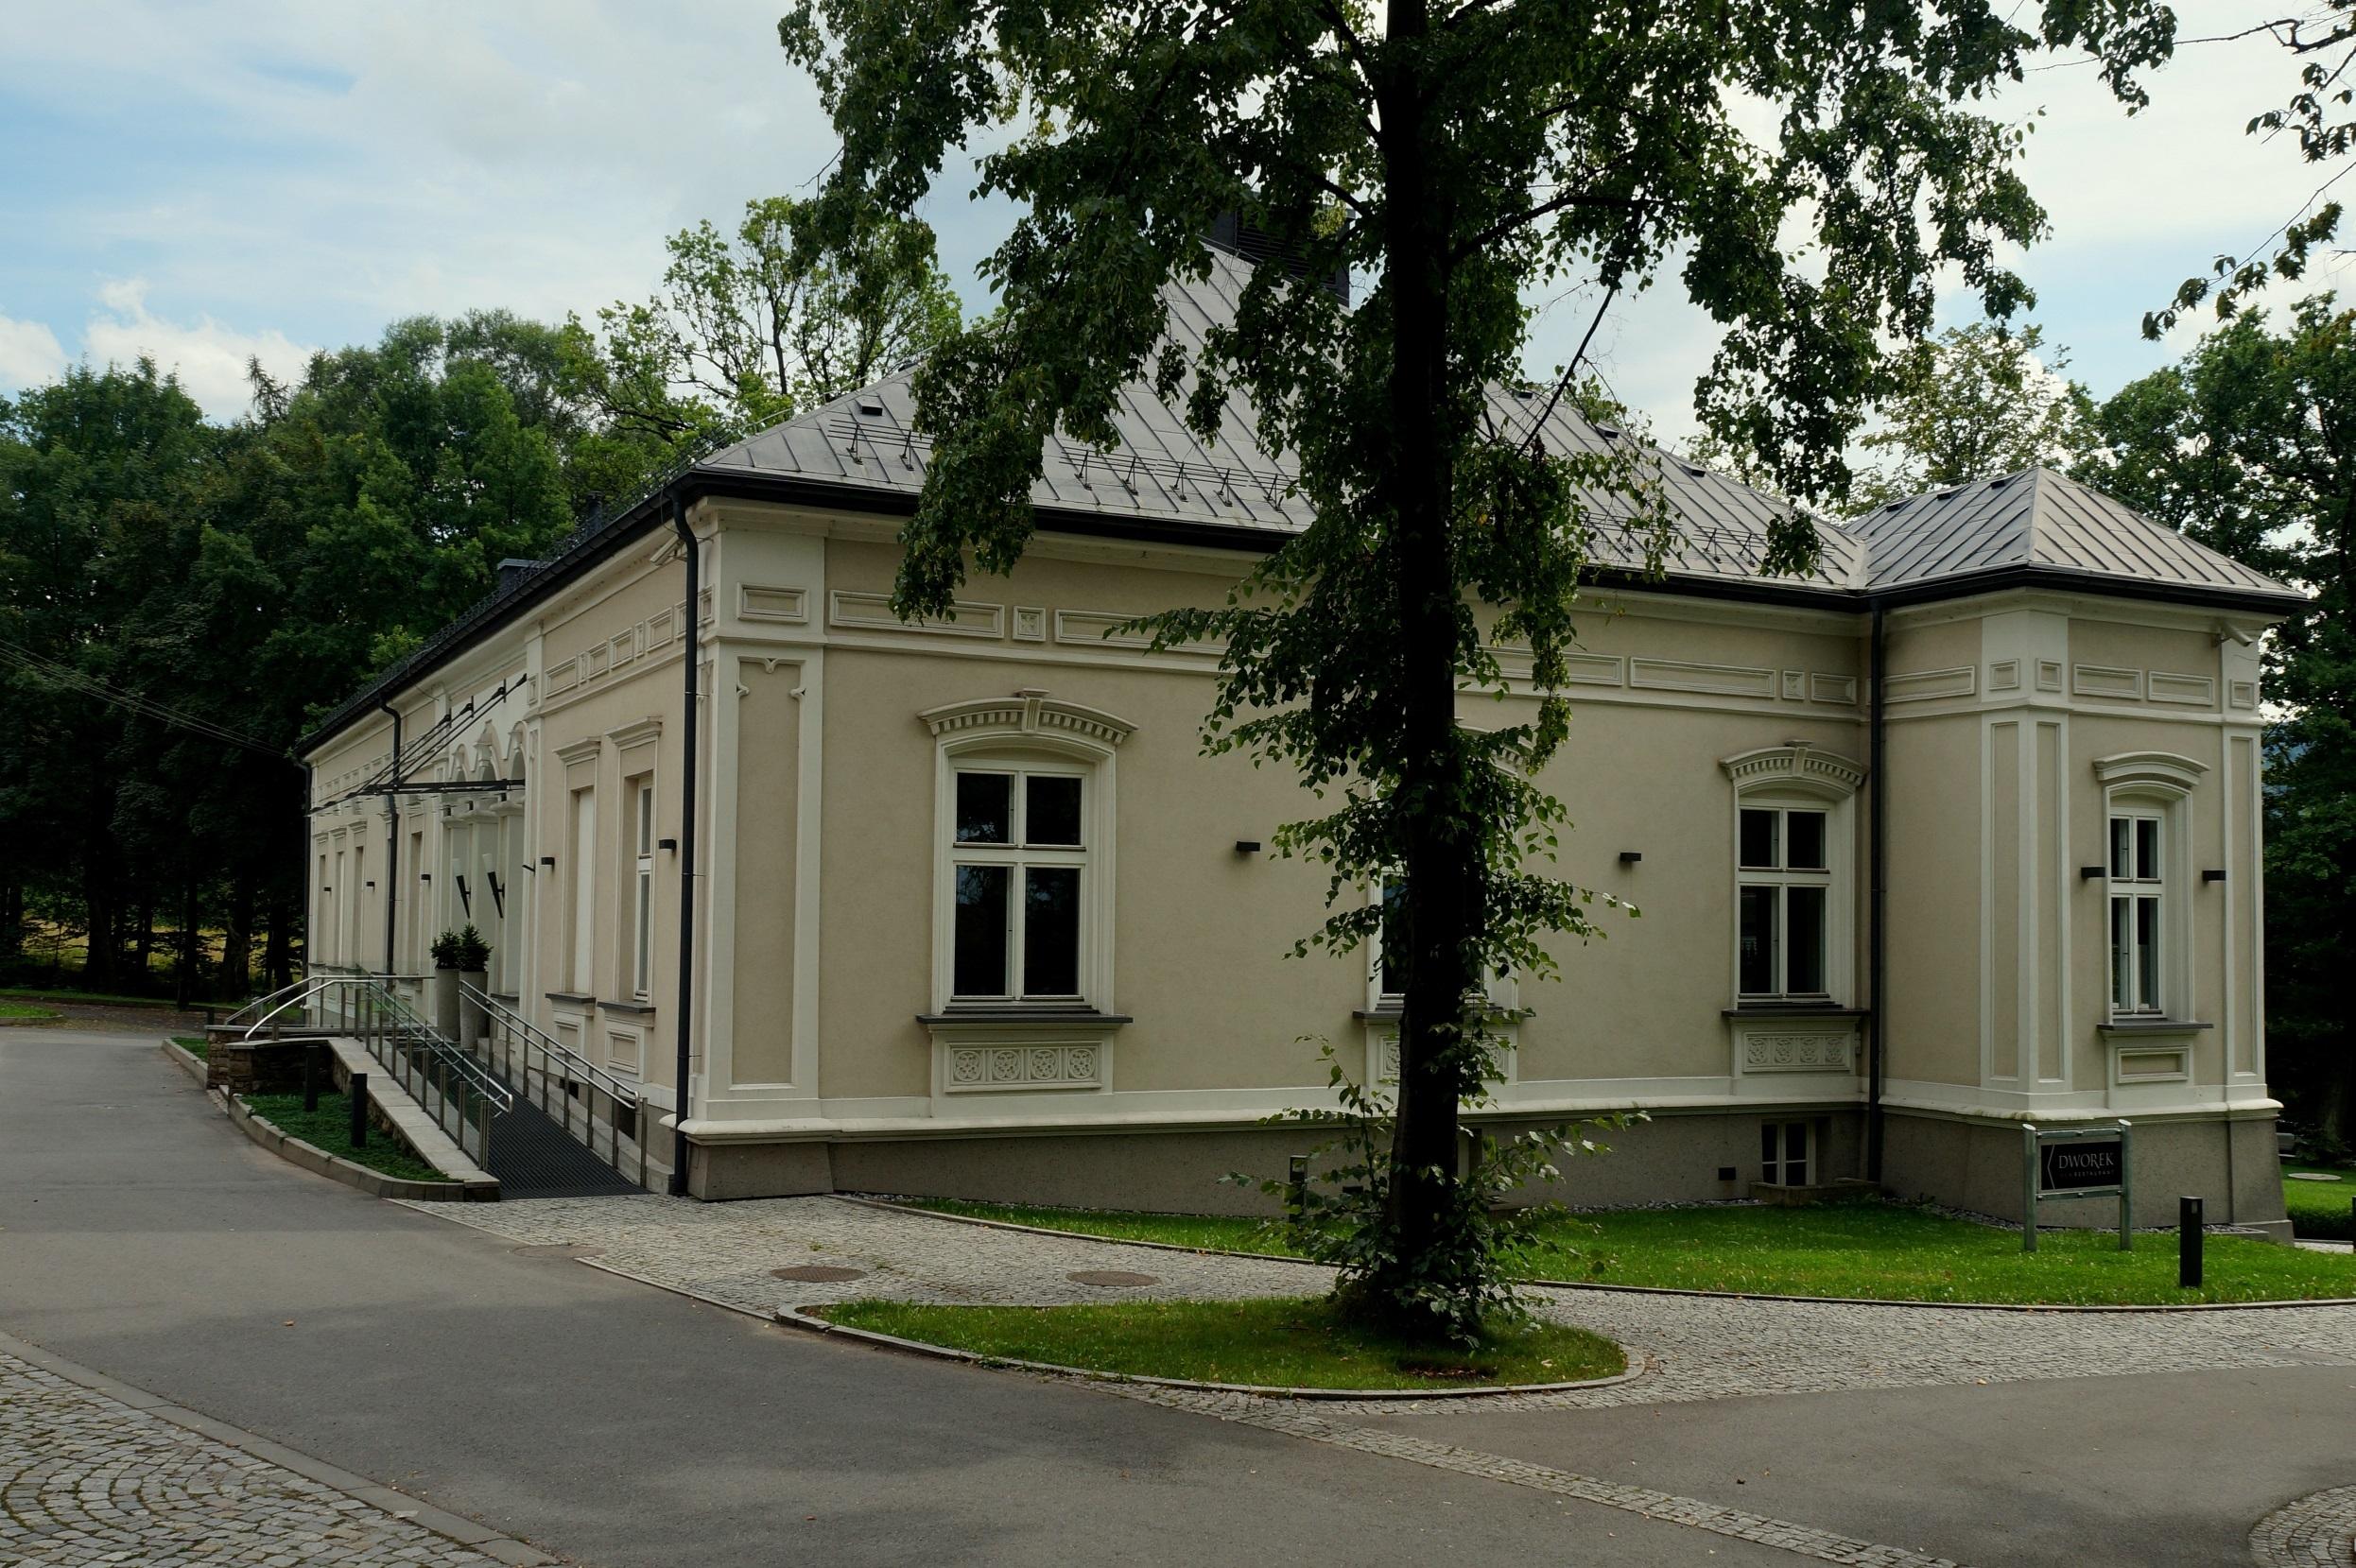 http://images.polskaniezwykla.pl/user/original/575365.jpg